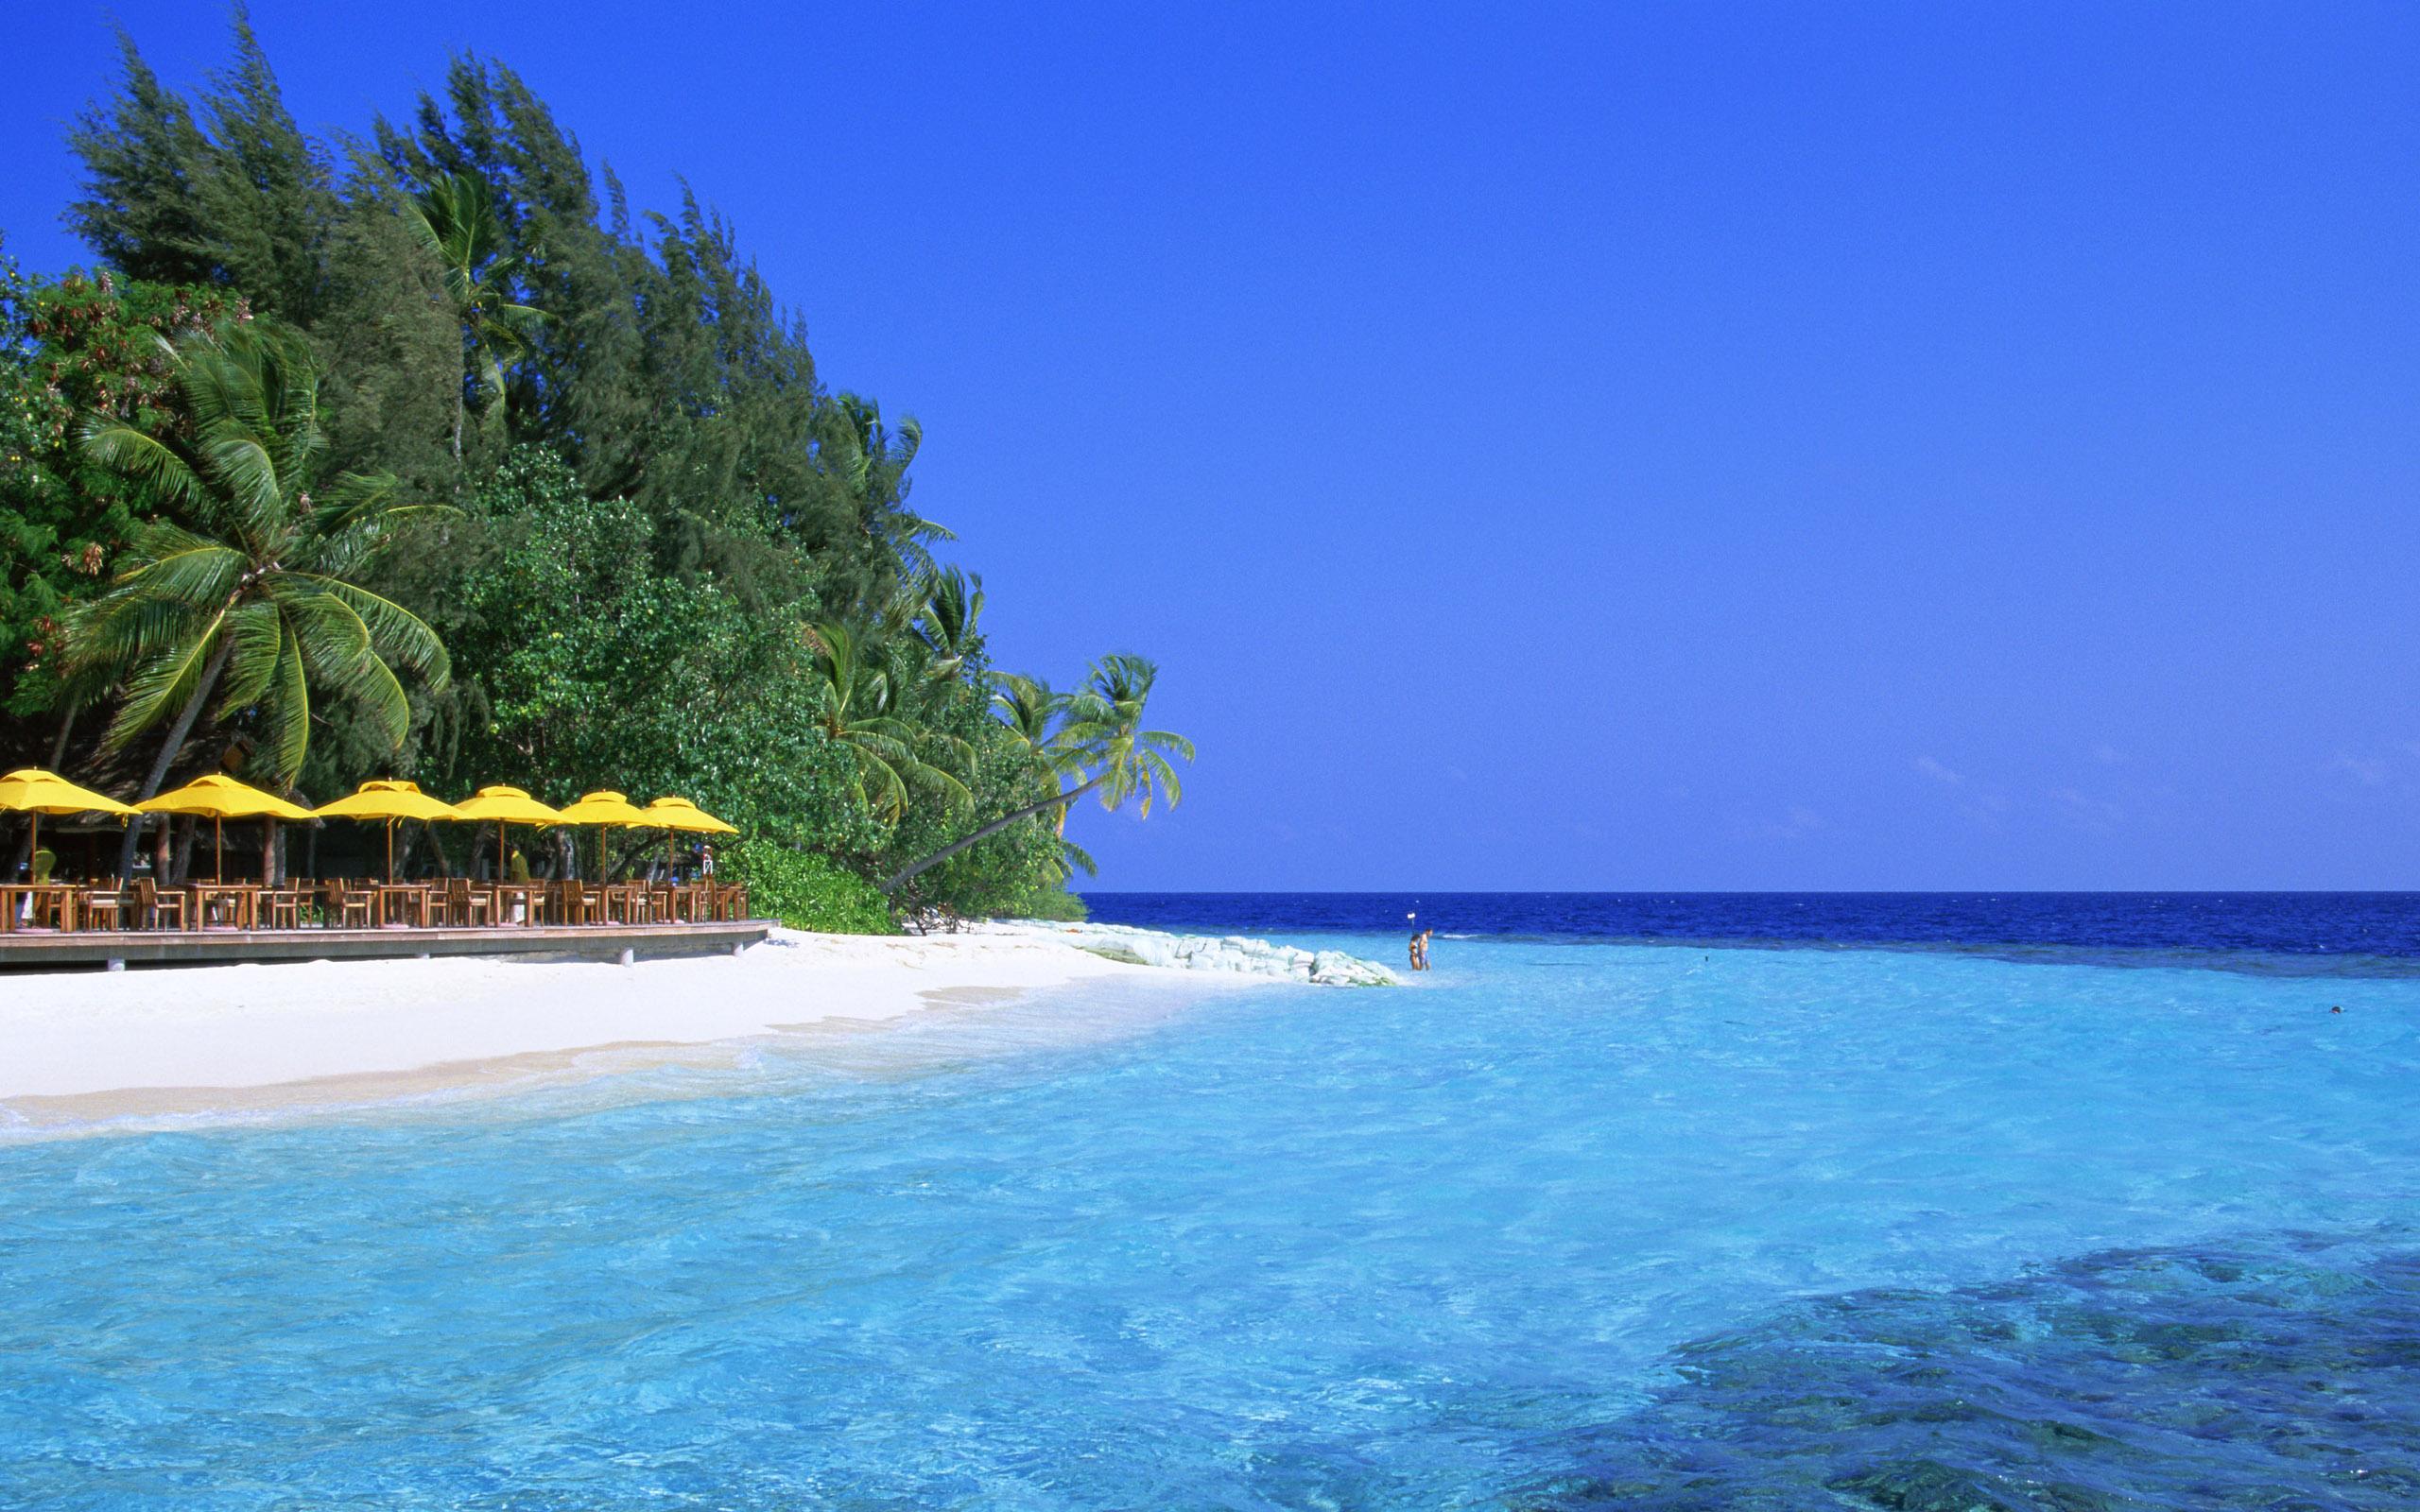 Beaches Islands HD Wallpapers Beach Desktop Backgrounds Images 2560x1600